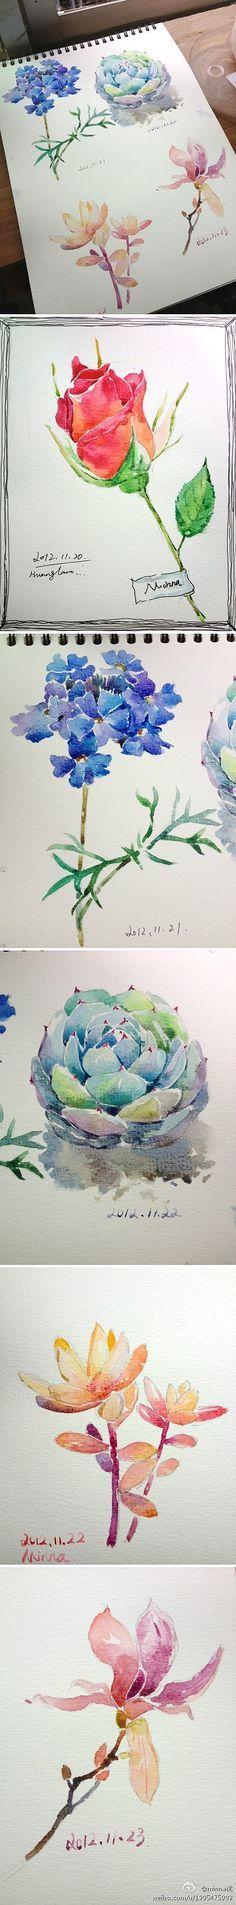 水彩 插画手绘 minna桃的照片